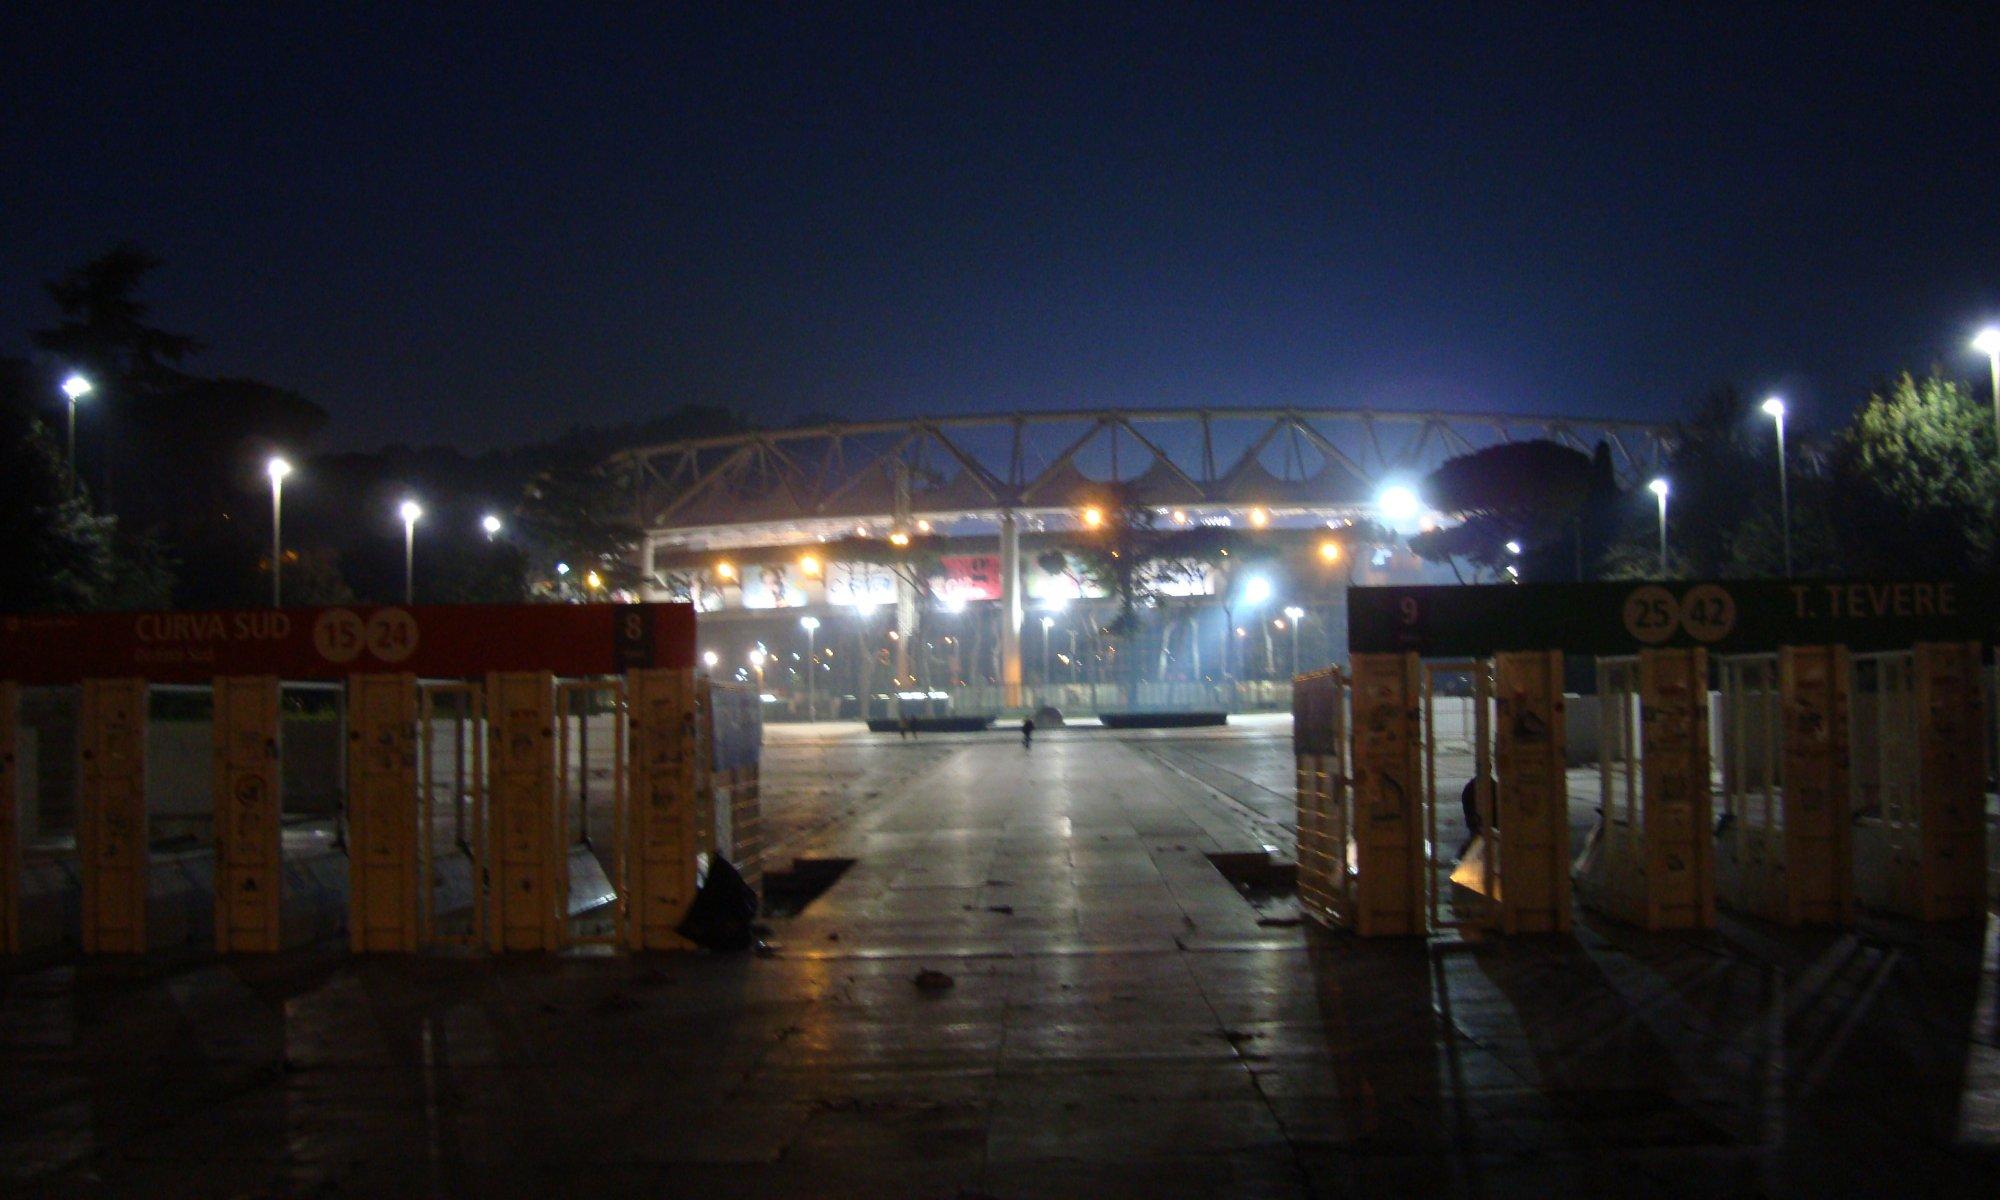 Stadio olympico, Roma